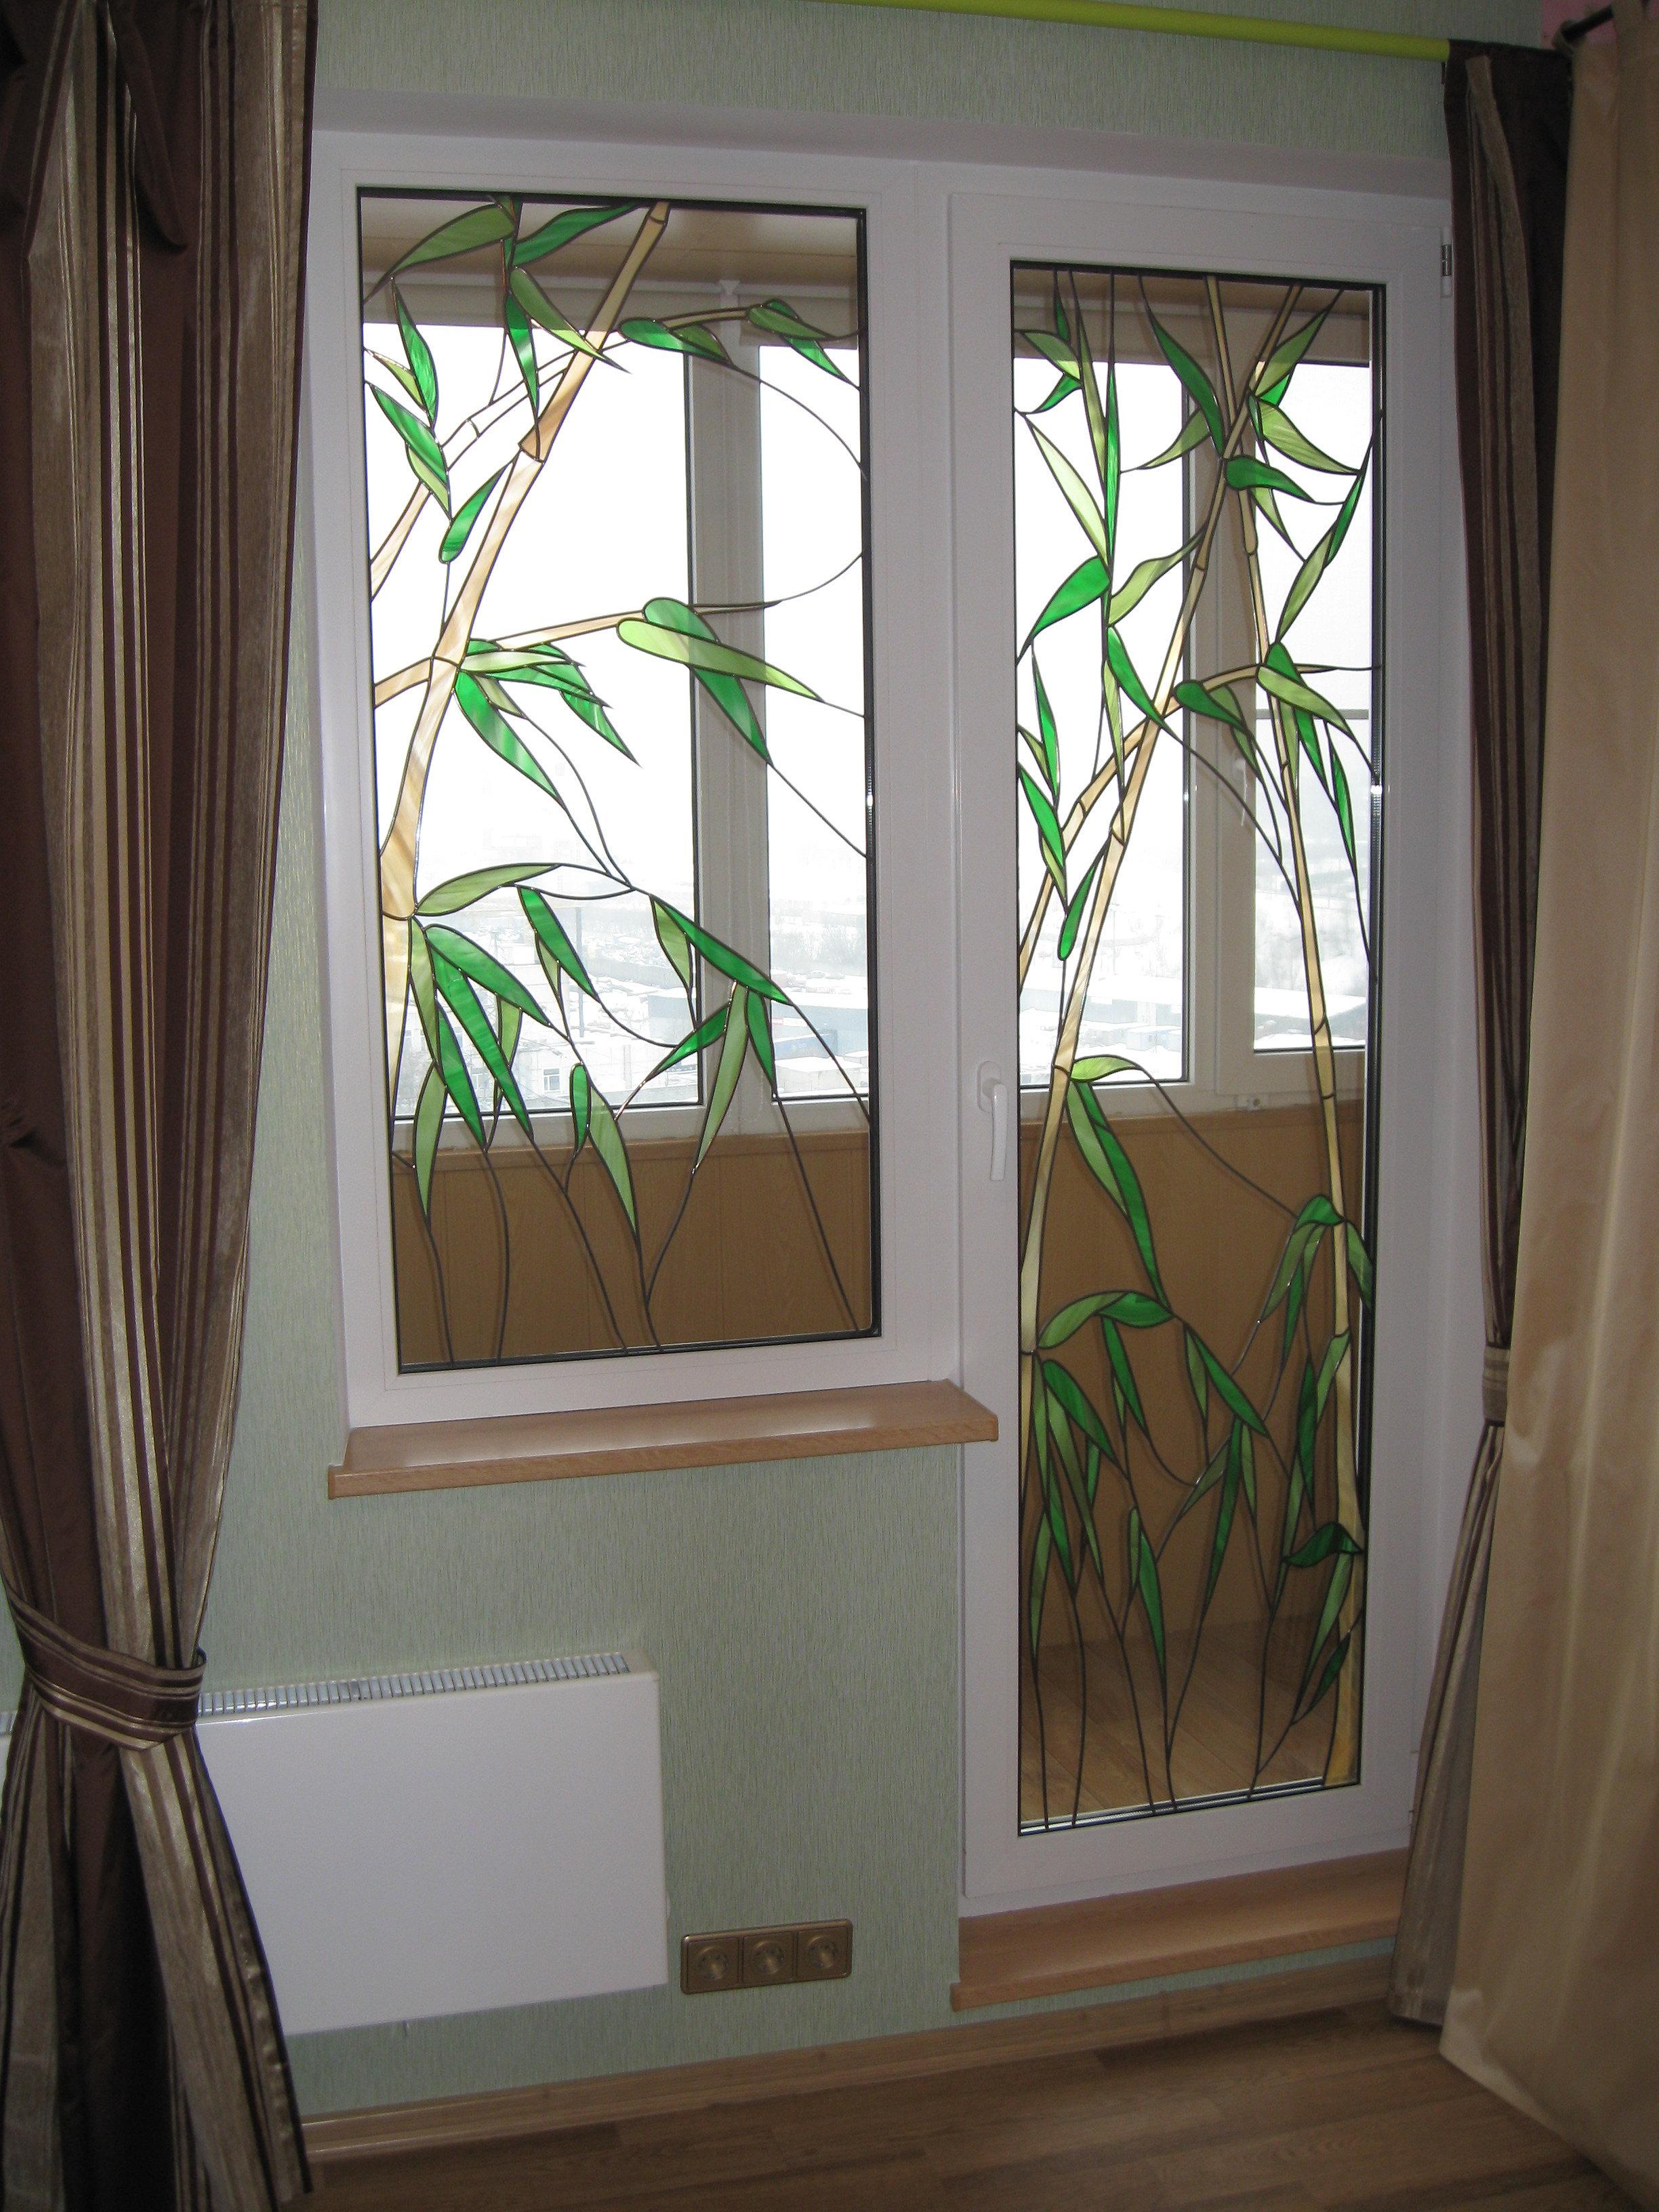 Примеры остекления балконов с витринным окном. - пластиковые.